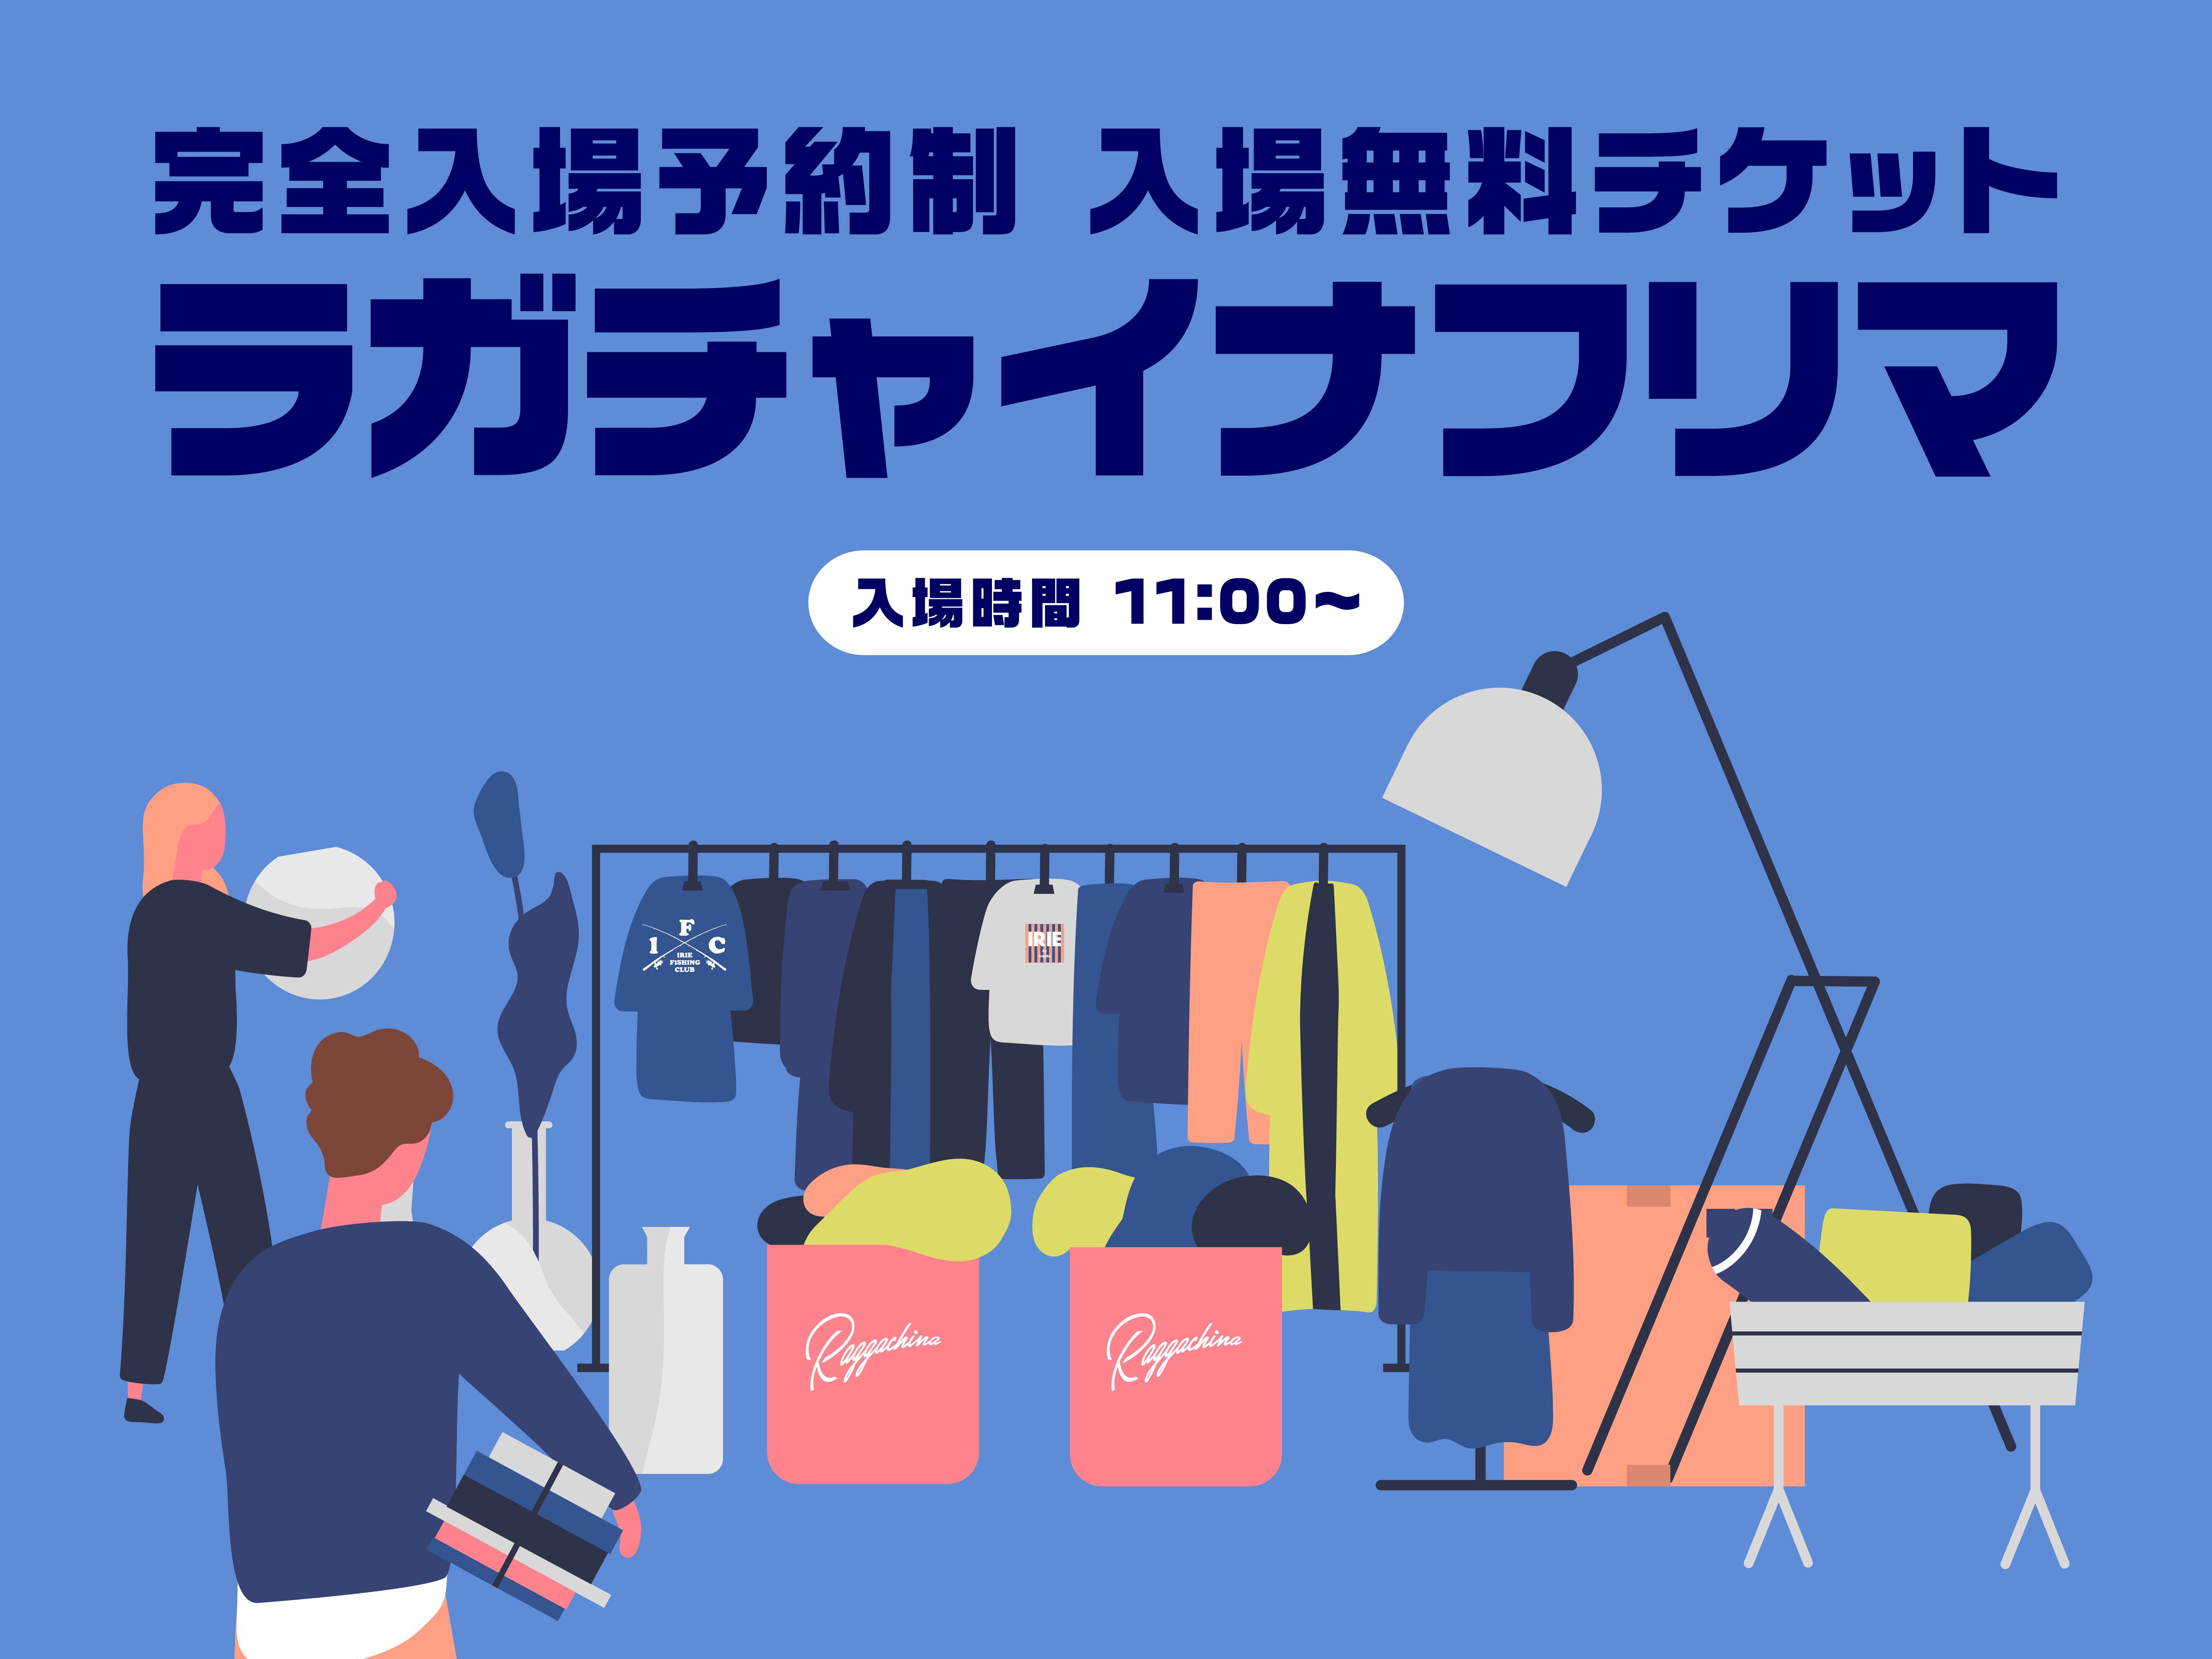 ラガチャイナ店舗フリマチケット 11:00〜13:20 (無料)